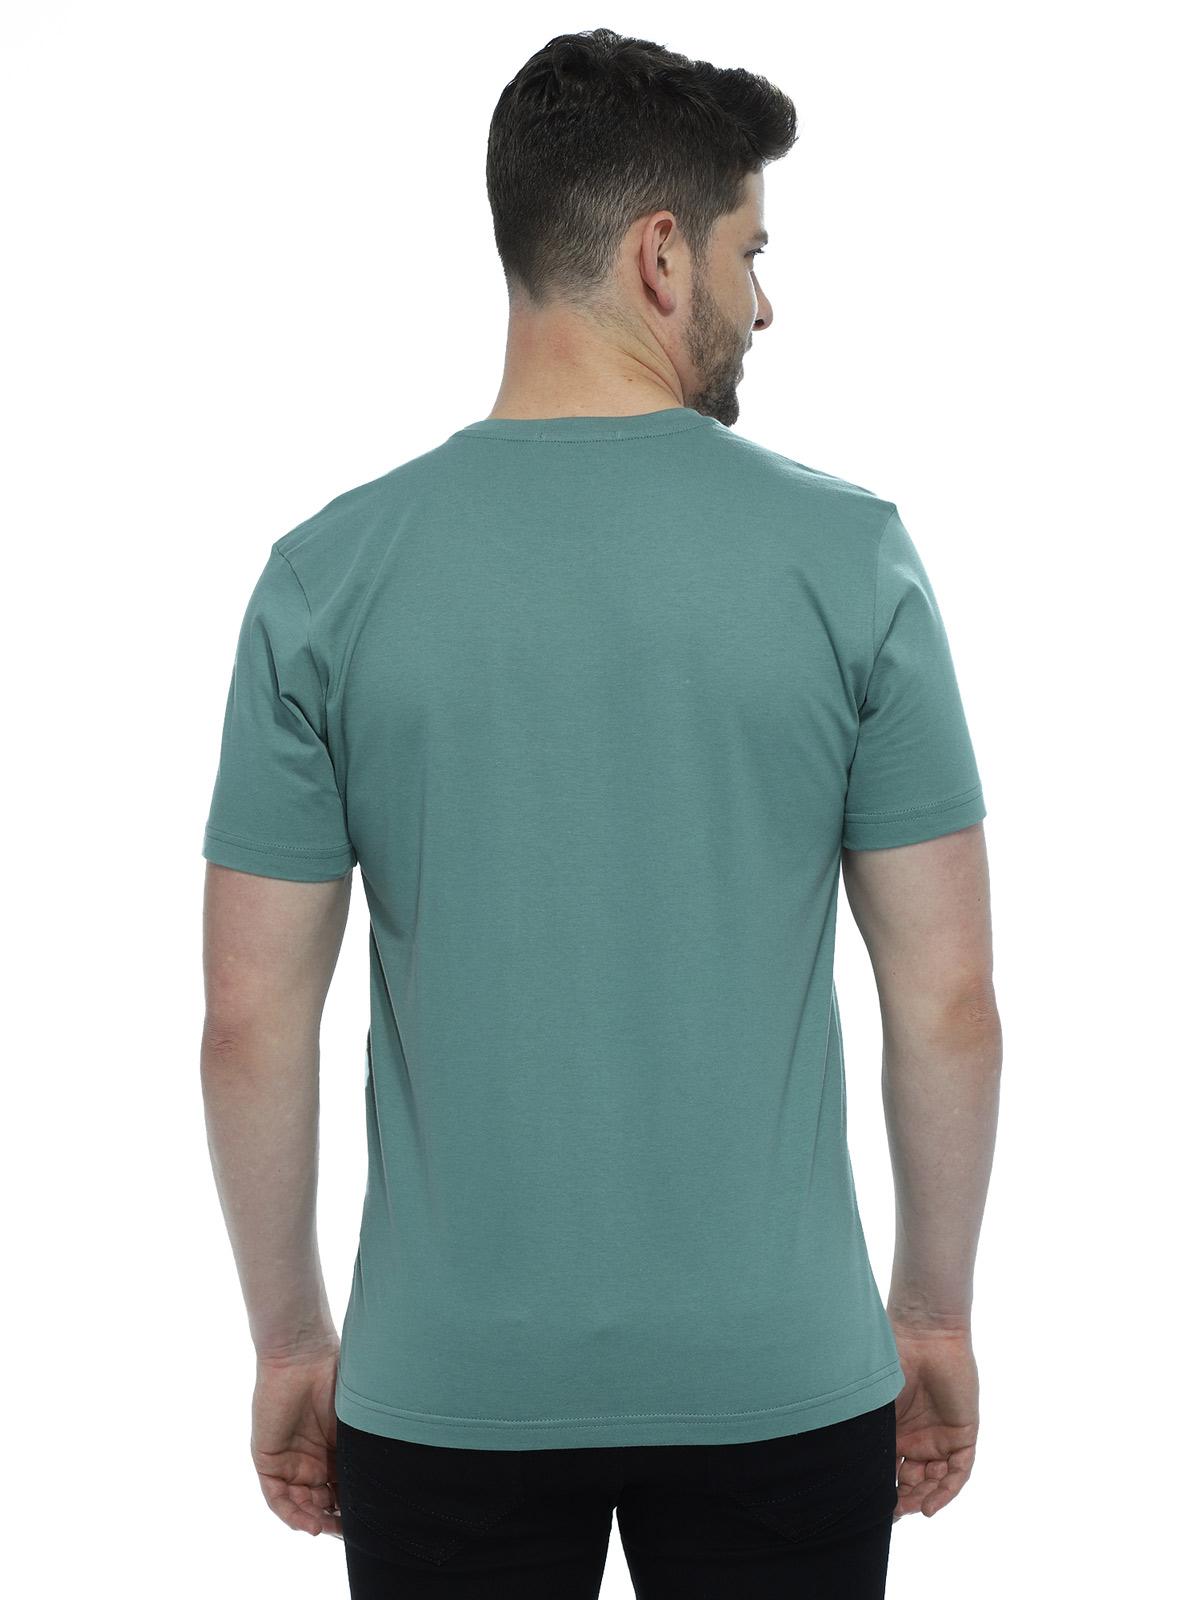 Camiseta Masculina Algodão Manga Curta Básica Lisa Concreto